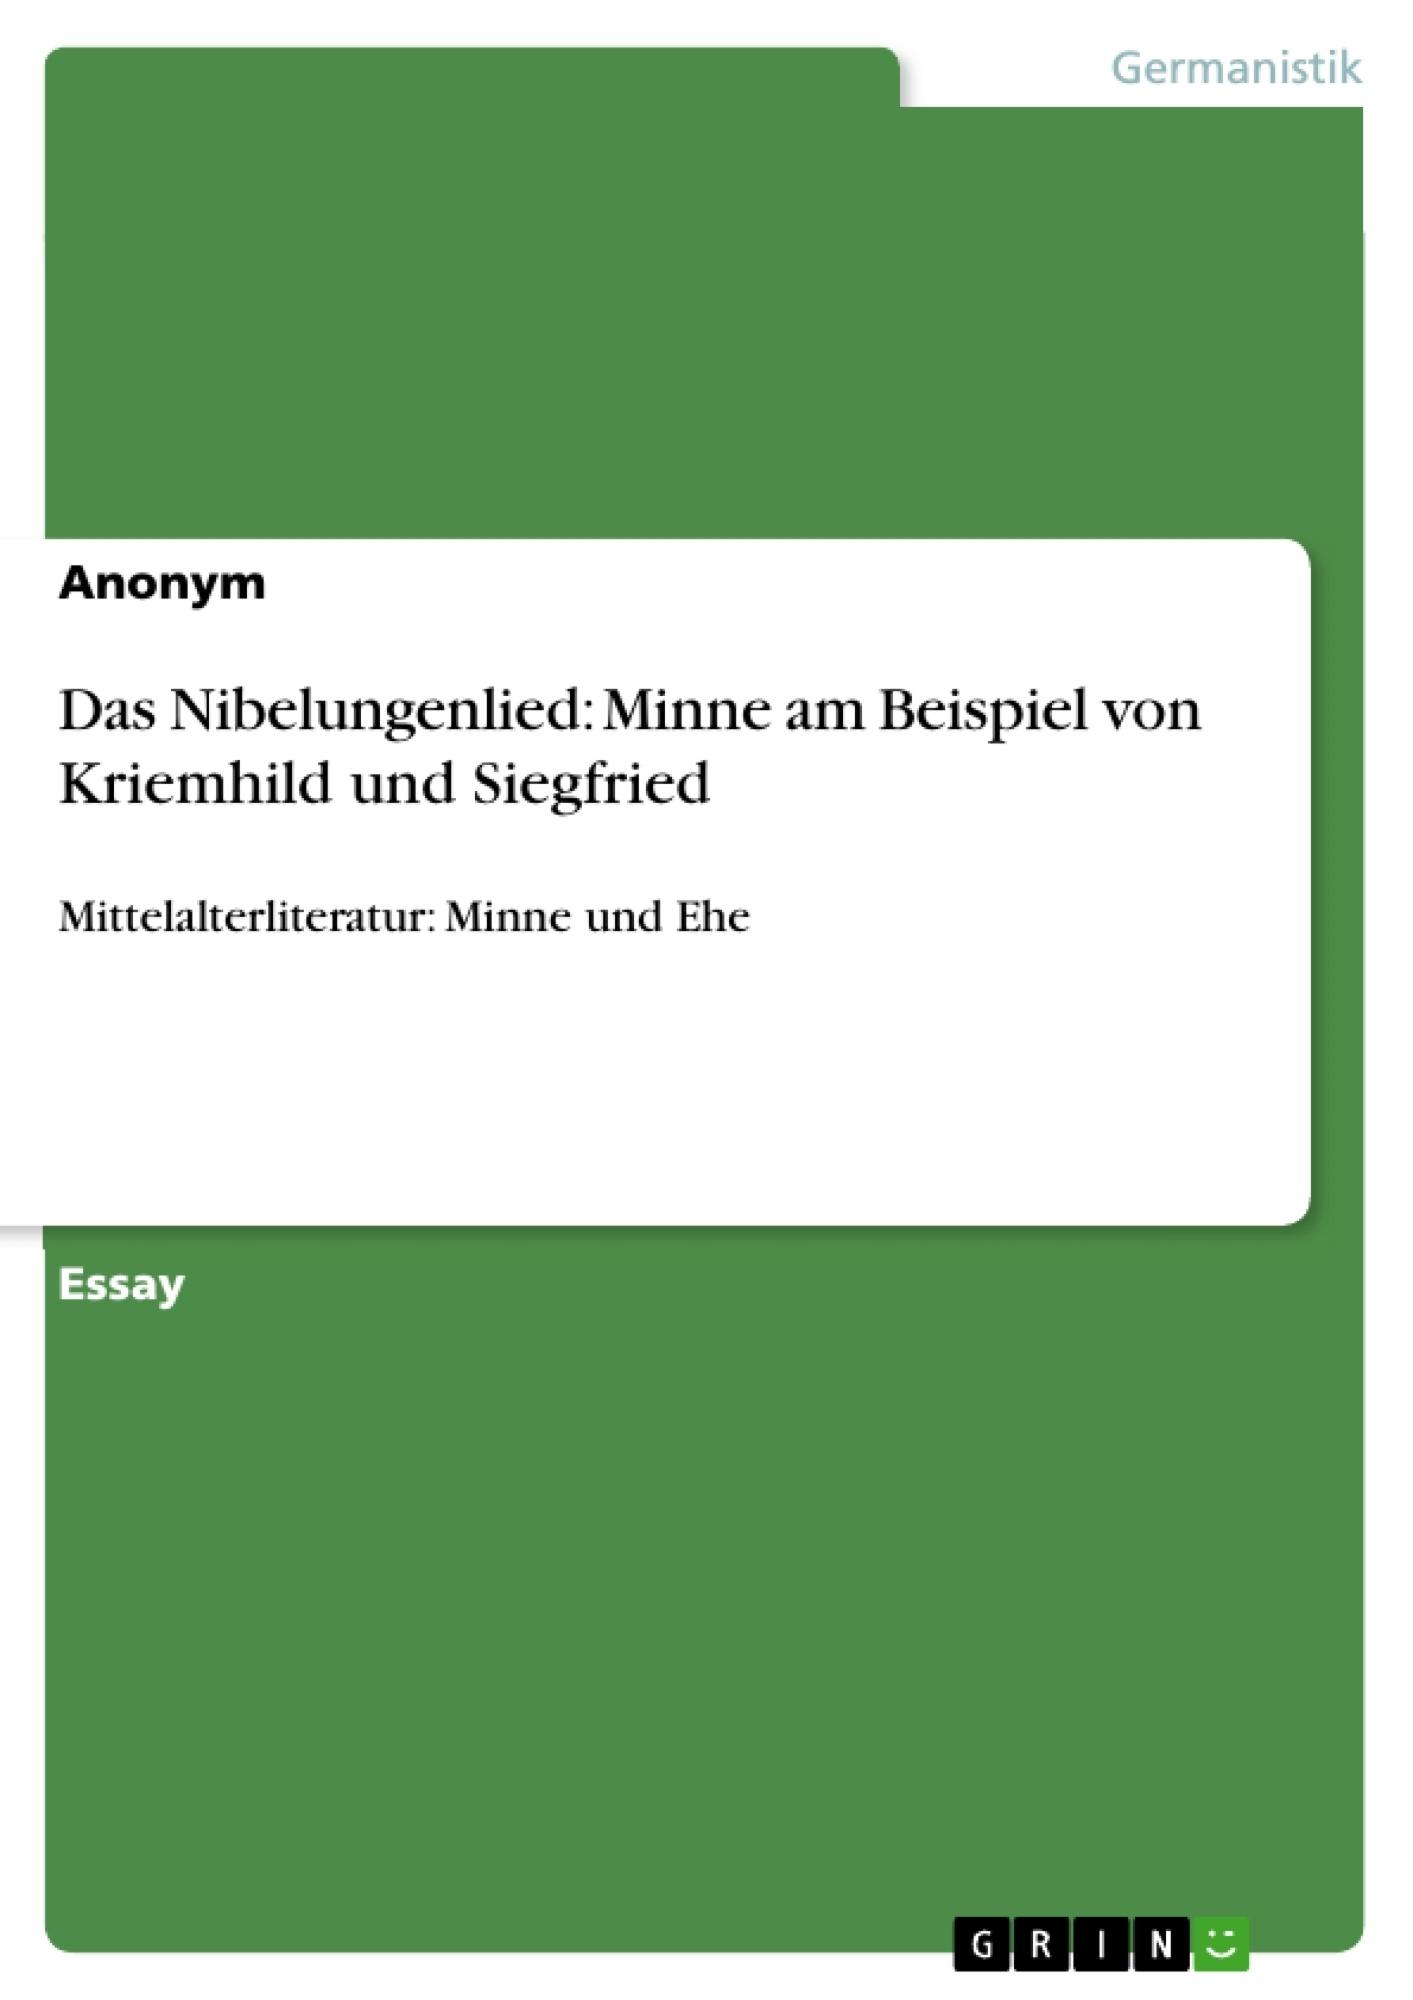 Titel: Das Nibelungenlied: Minne am Beispiel von Kriemhild und Siegfried